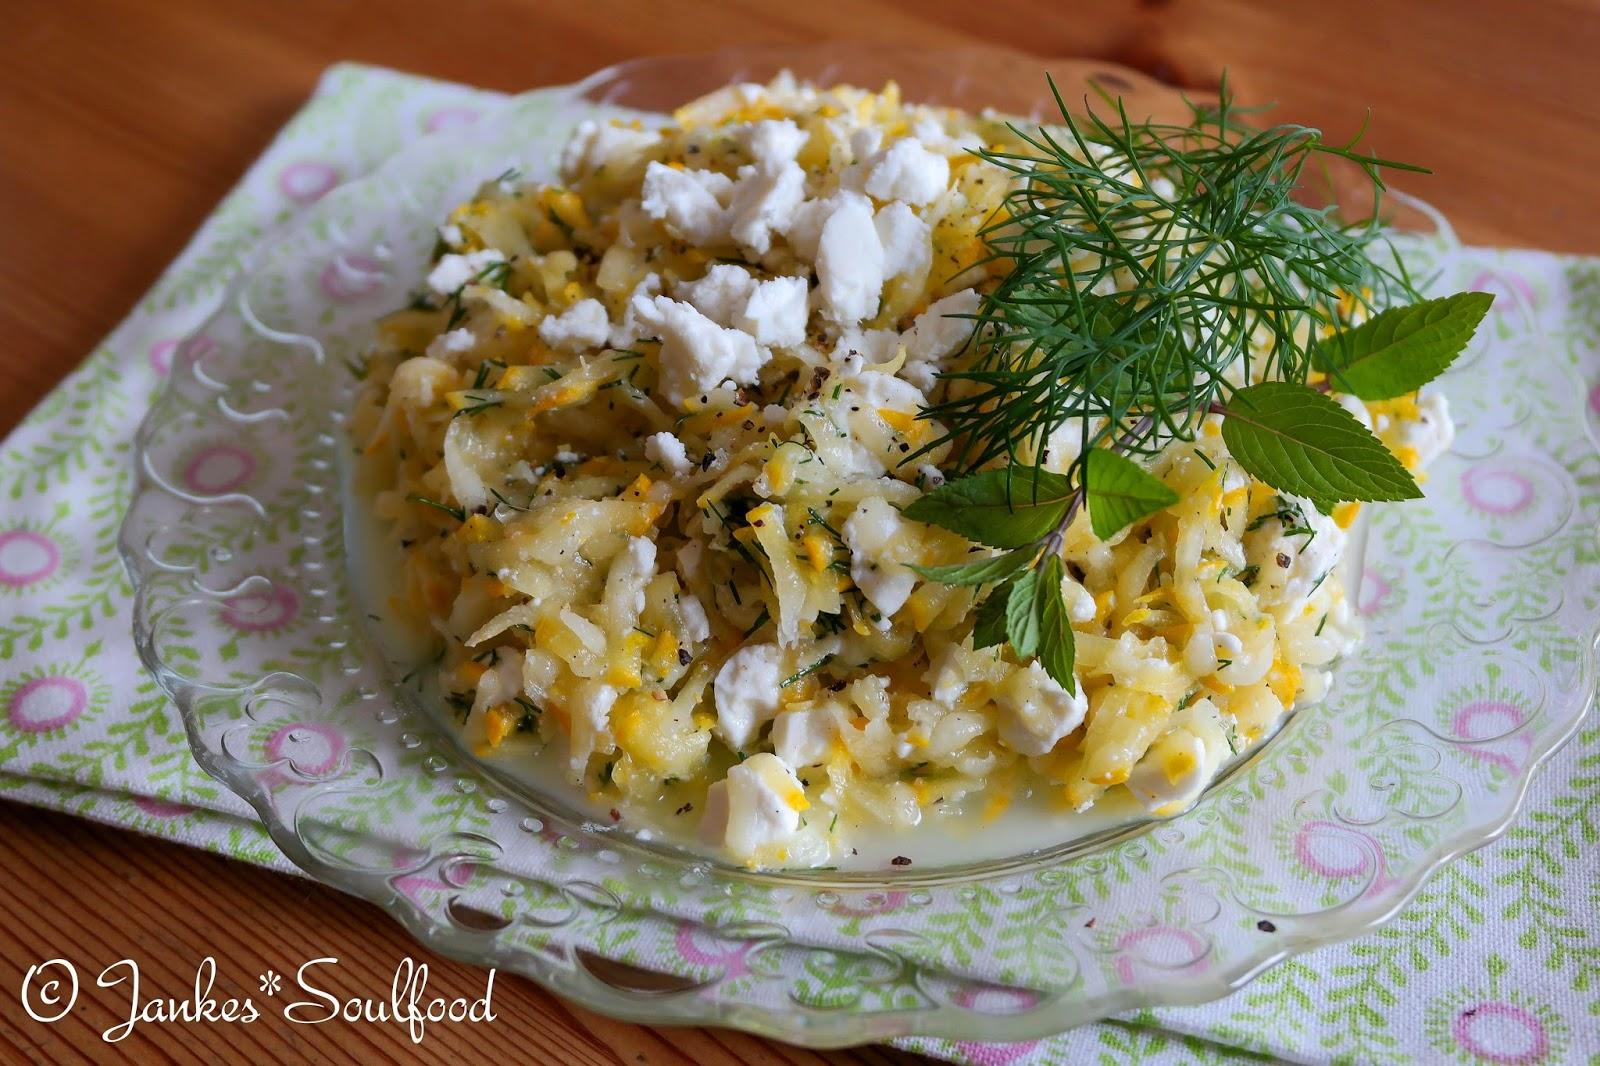 Die schnabulöse Zucchini-Woche von Jankes Soulfood